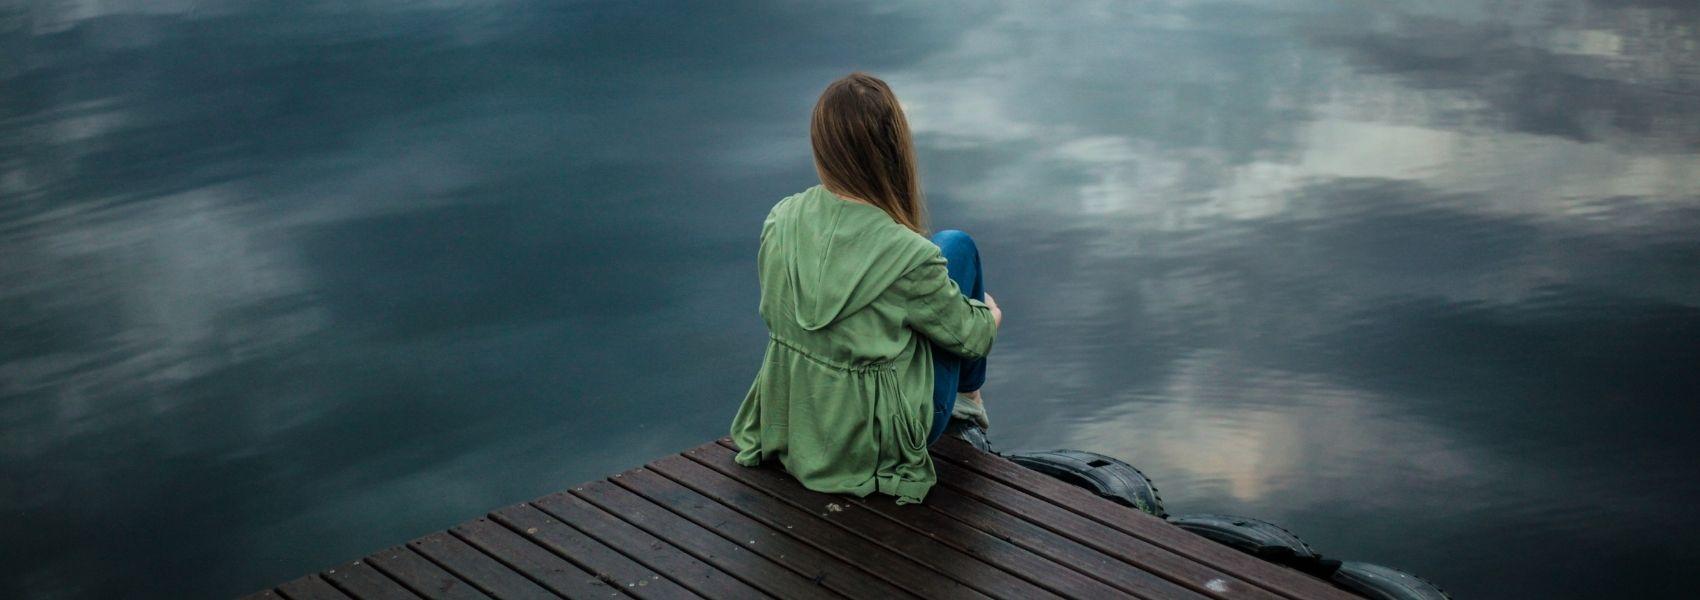 Quatro passos para fugir da solidão